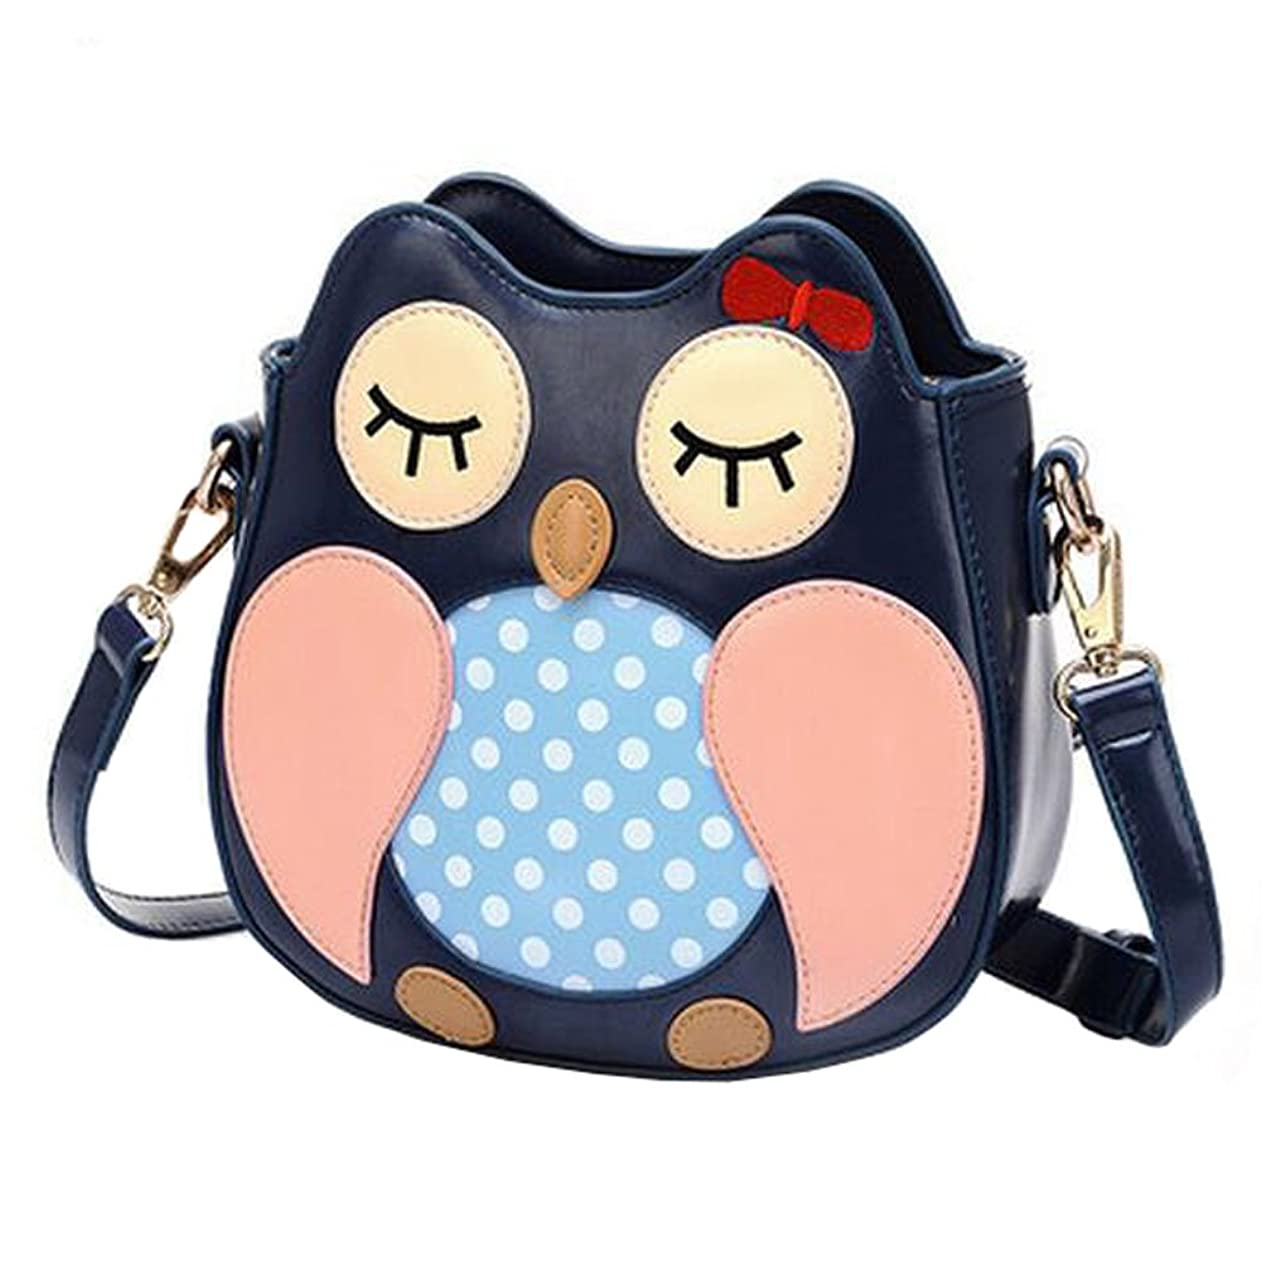 文鹿罪人女の子シングルショルダーストラップバッグPuHandbagレジャーフクロウハンドバッグ人格素敵なショルダー財布バッグ